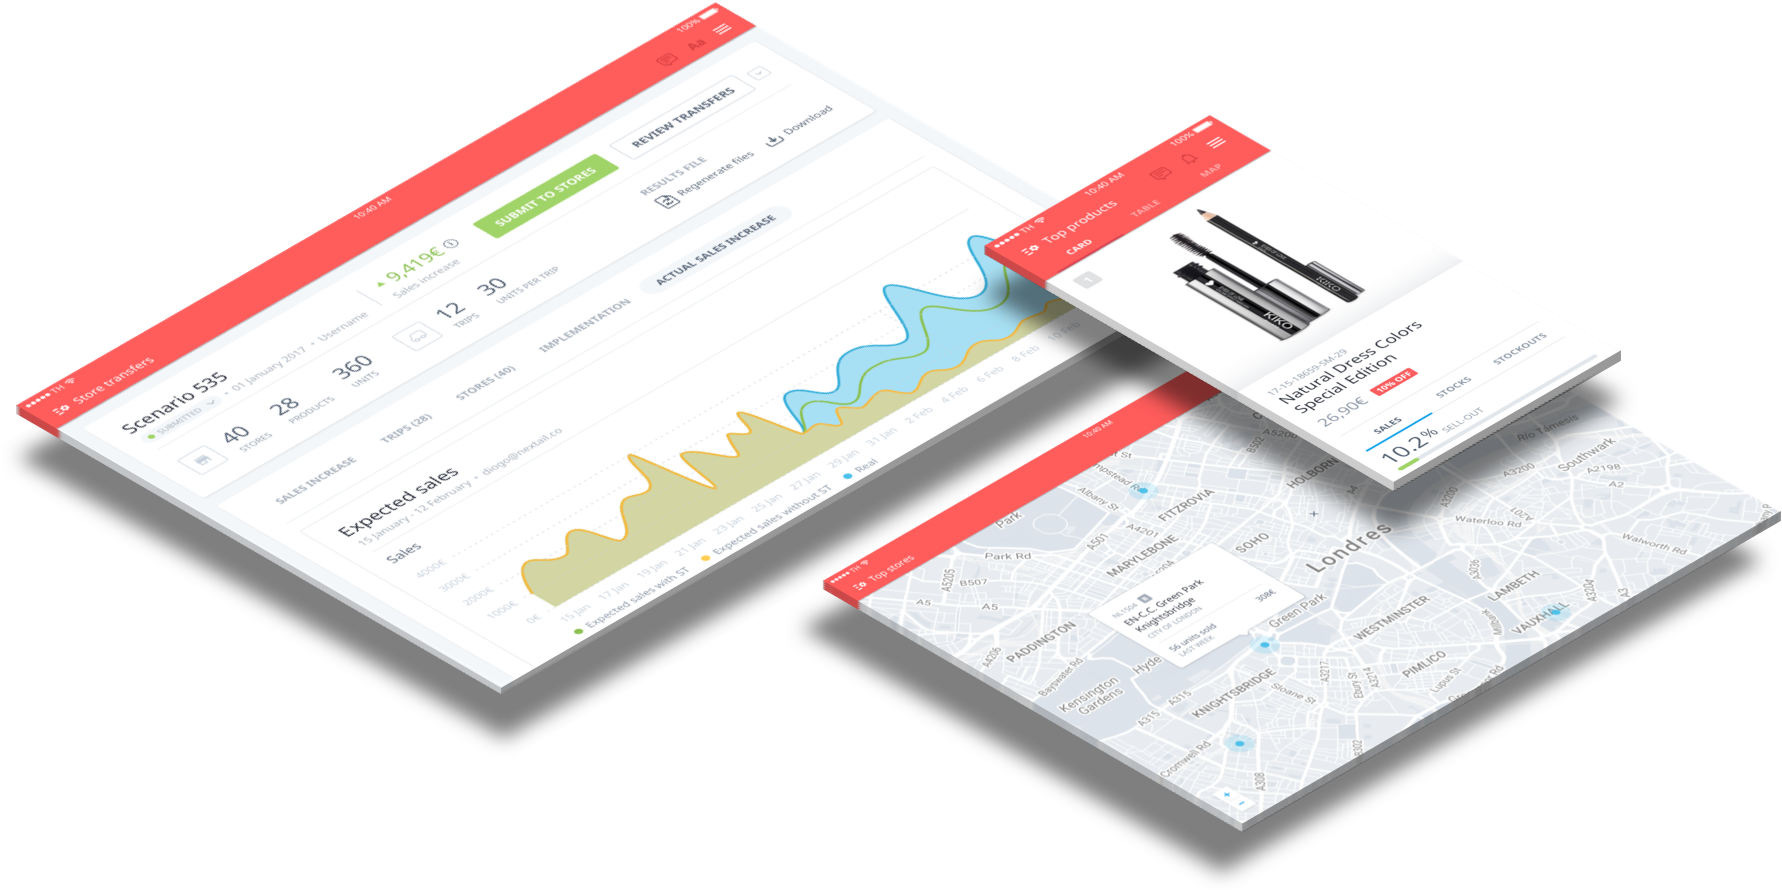 Работать с Nextail можно в облачной платформе, на планшете и в мобильном приложении